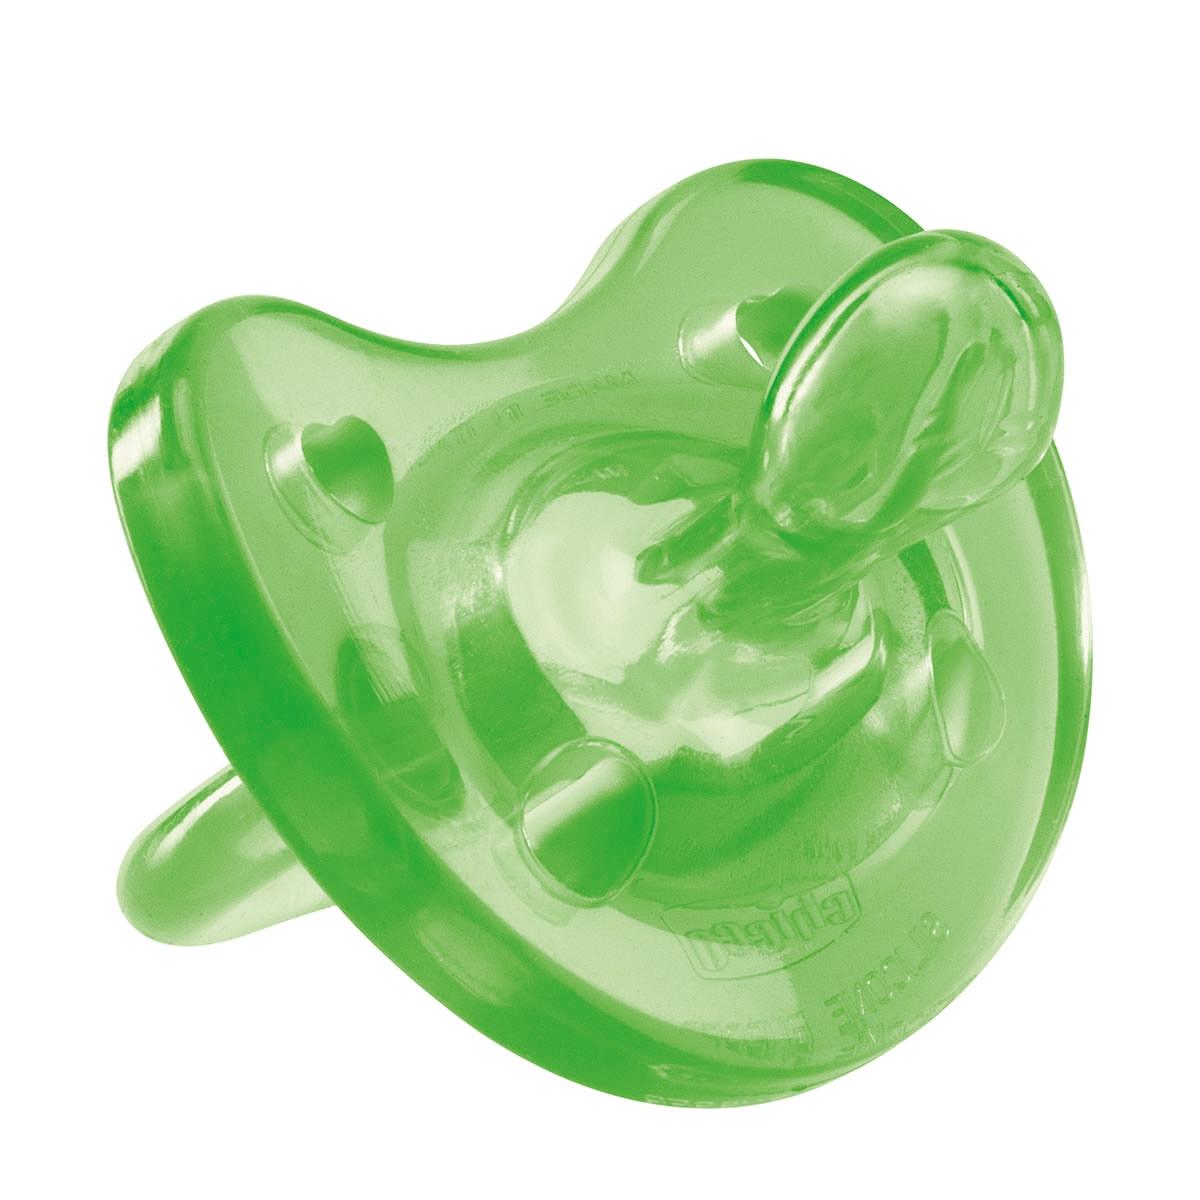 Chicco Пустышка Physio Soft силиконовая от 4 месяцев цвет зеленый